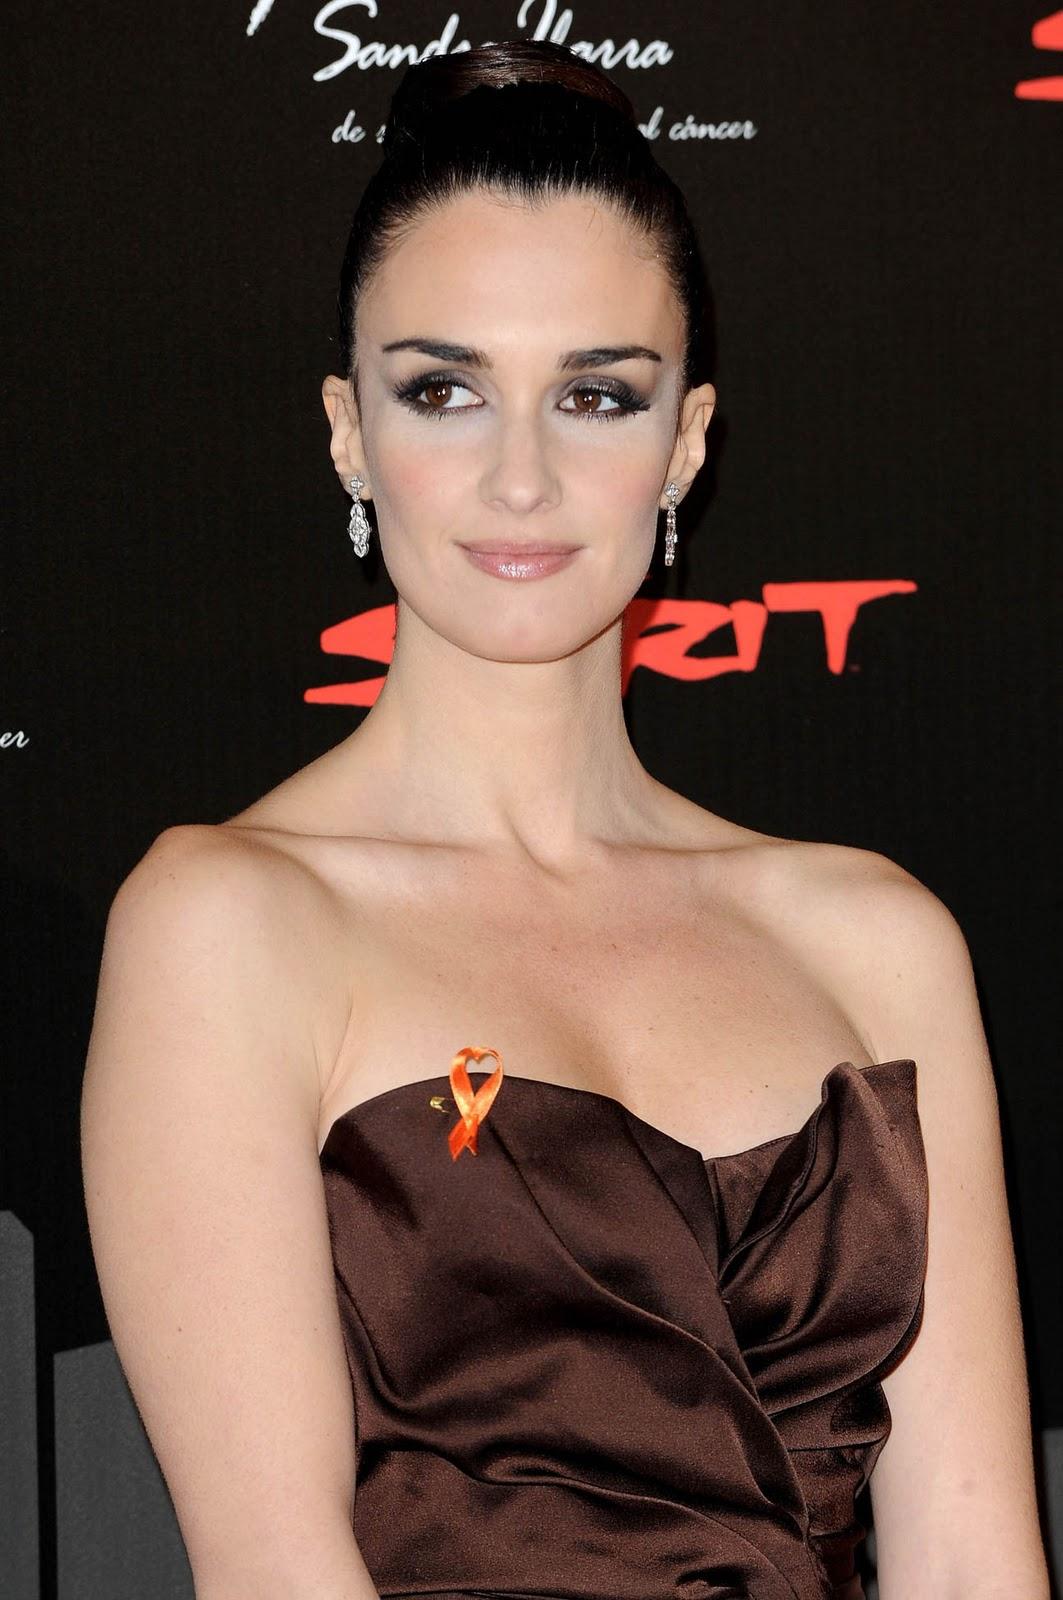 http://1.bp.blogspot.com/-fCZThuAaolA/TWeUaxj_OMI/AAAAAAAACEI/wupNEGNtDpE/s1600/scar-eva-paz+%25287%2529.jpg